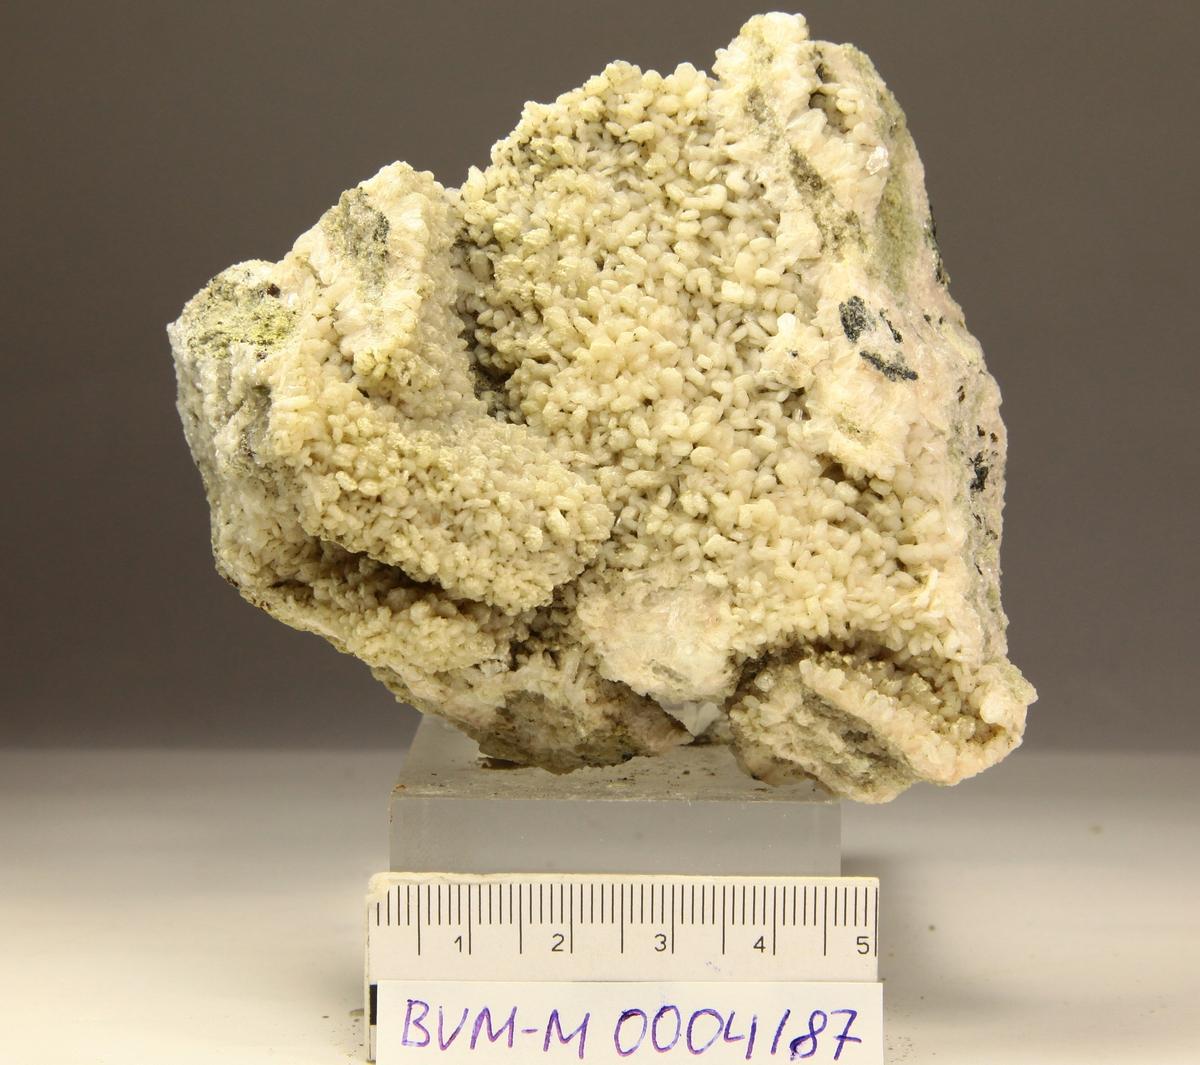 Stilbitt, hvite små krystaller. På kvarts, kloriytt + sort mineral.